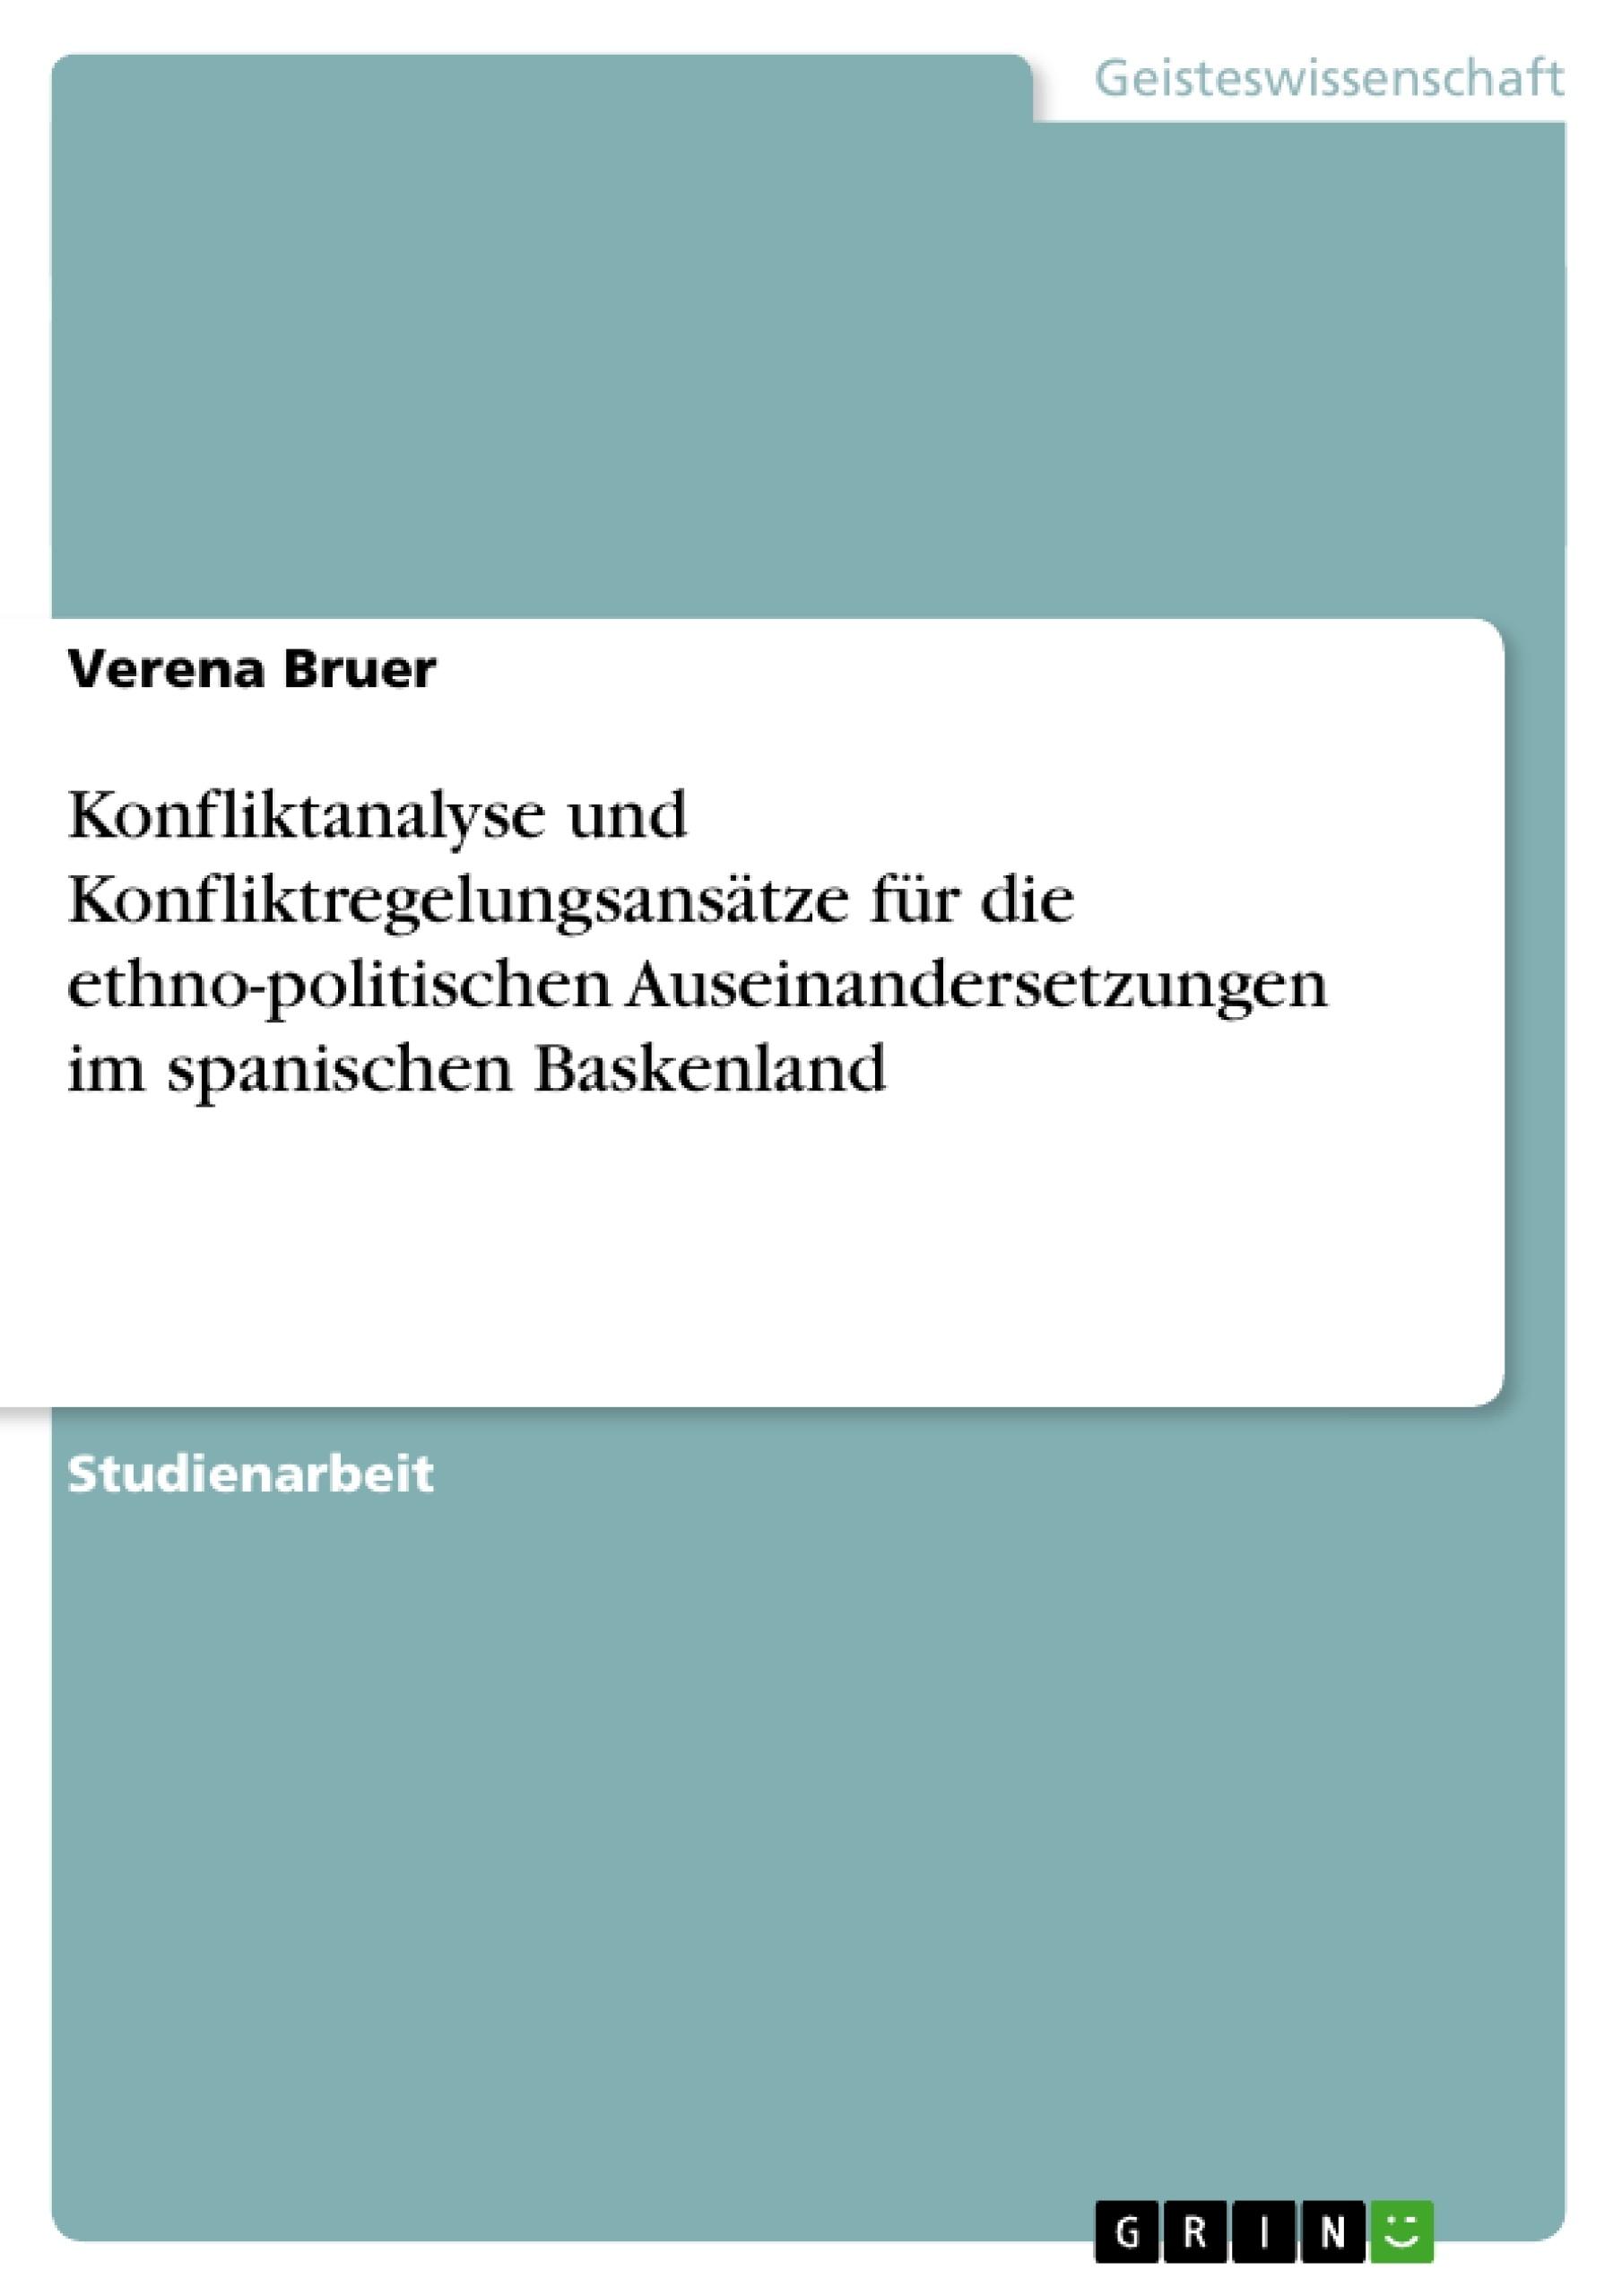 Titel: Konfliktanalyse und Konfliktregelungsansätze für die ethno-politischen Auseinandersetzungen im spanischen Baskenland